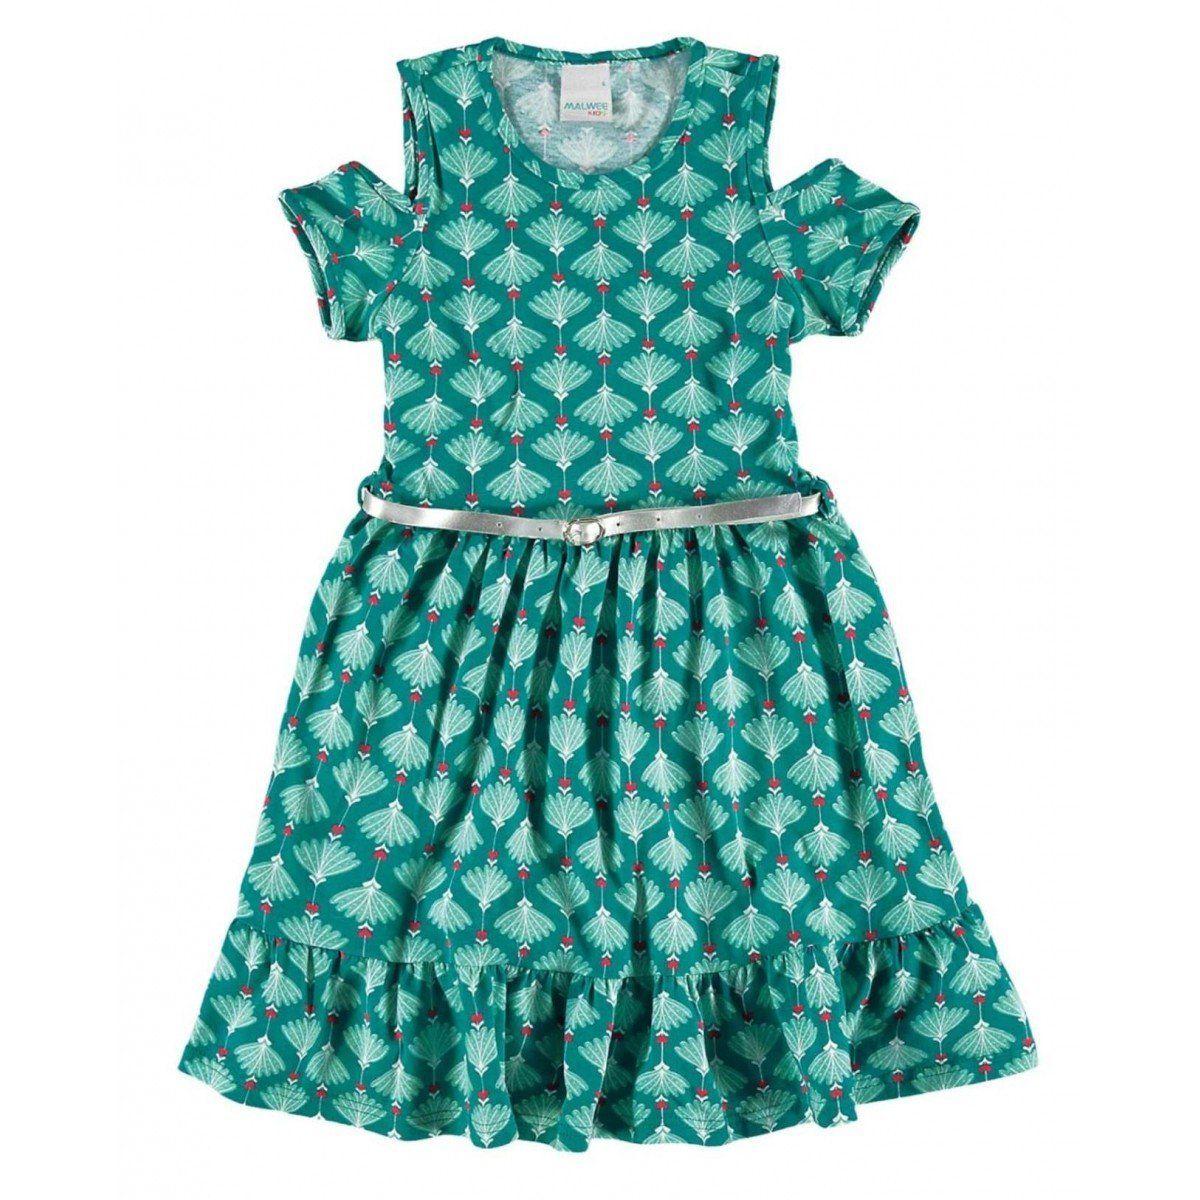 ba5e4ac05c Vestido Infantil Feminino Verde Verão Malwee